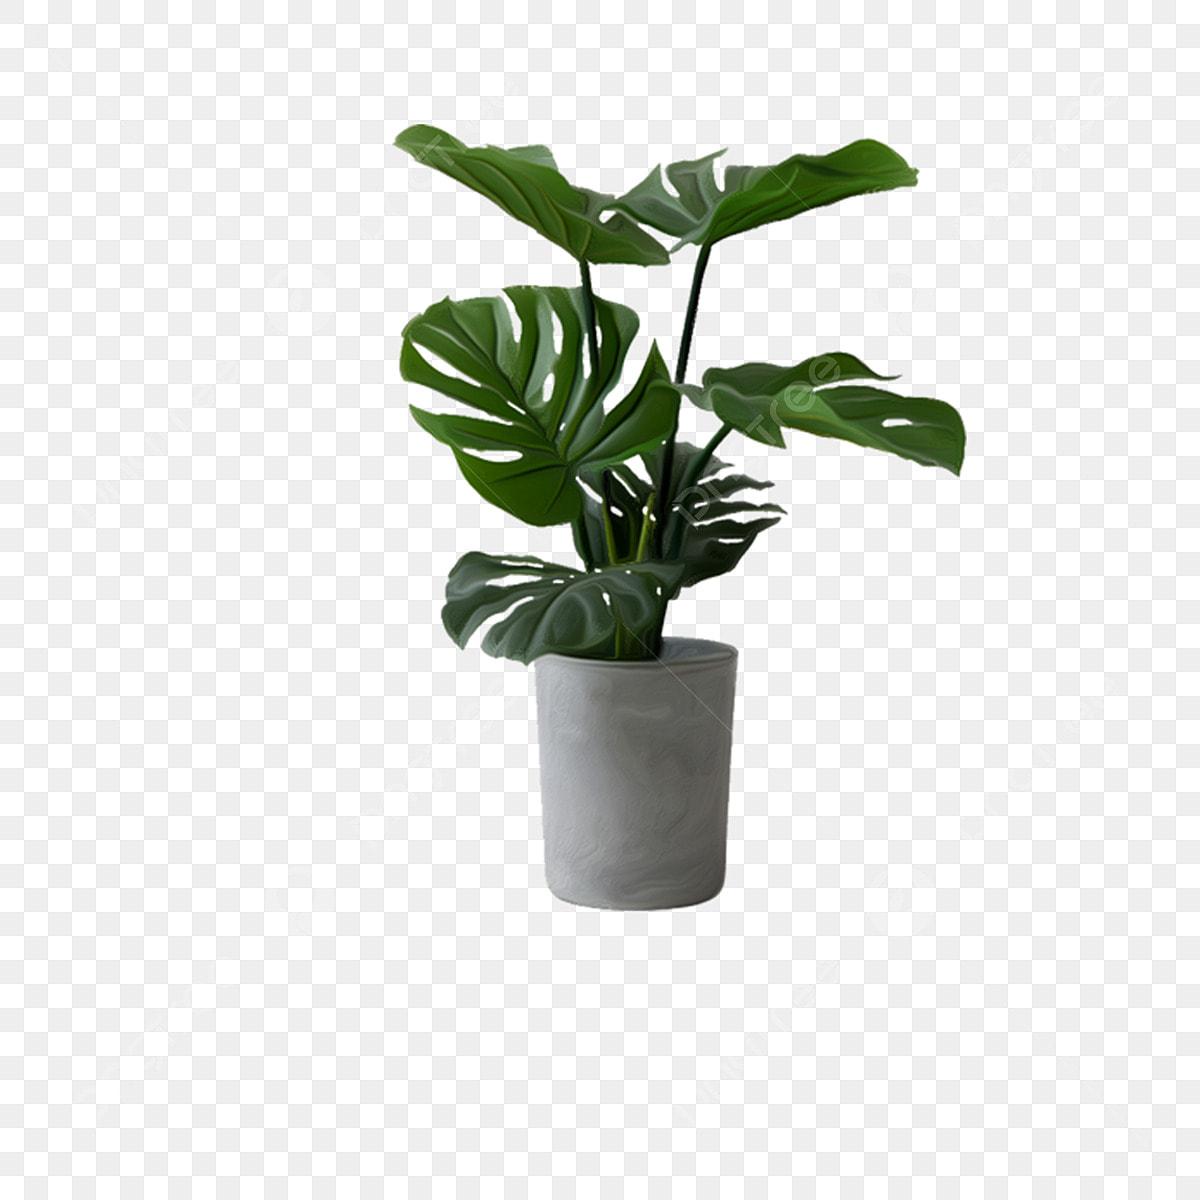 Plante Haute En Pot plante verte plante plante verte d'intérieur illustration de